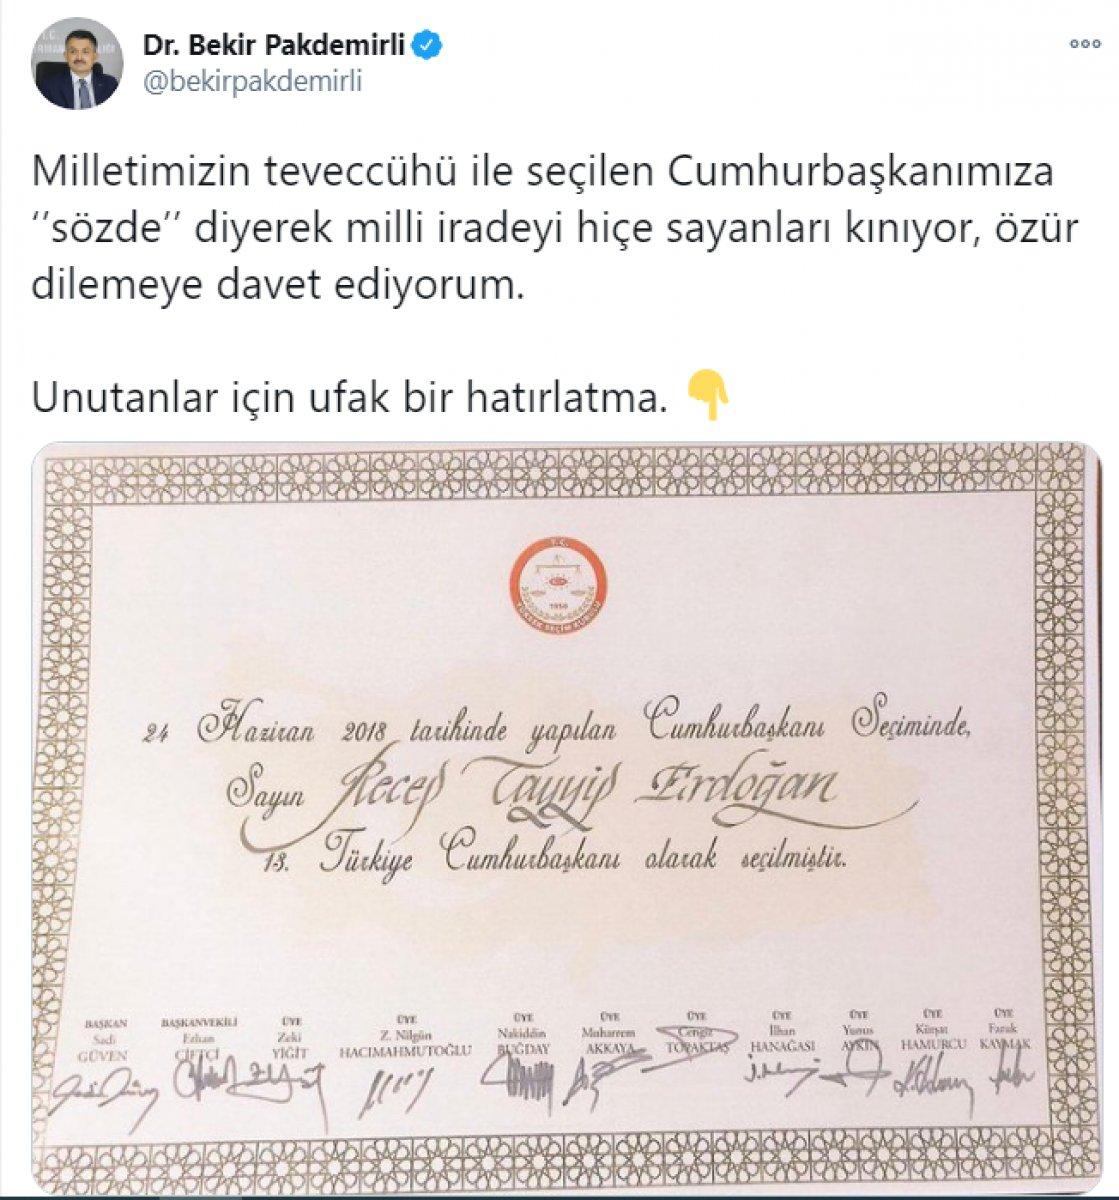 Kılıçdaroğlu nun,  sözde cumhurbaşkanı  sözü, büyük tepki topladı #14